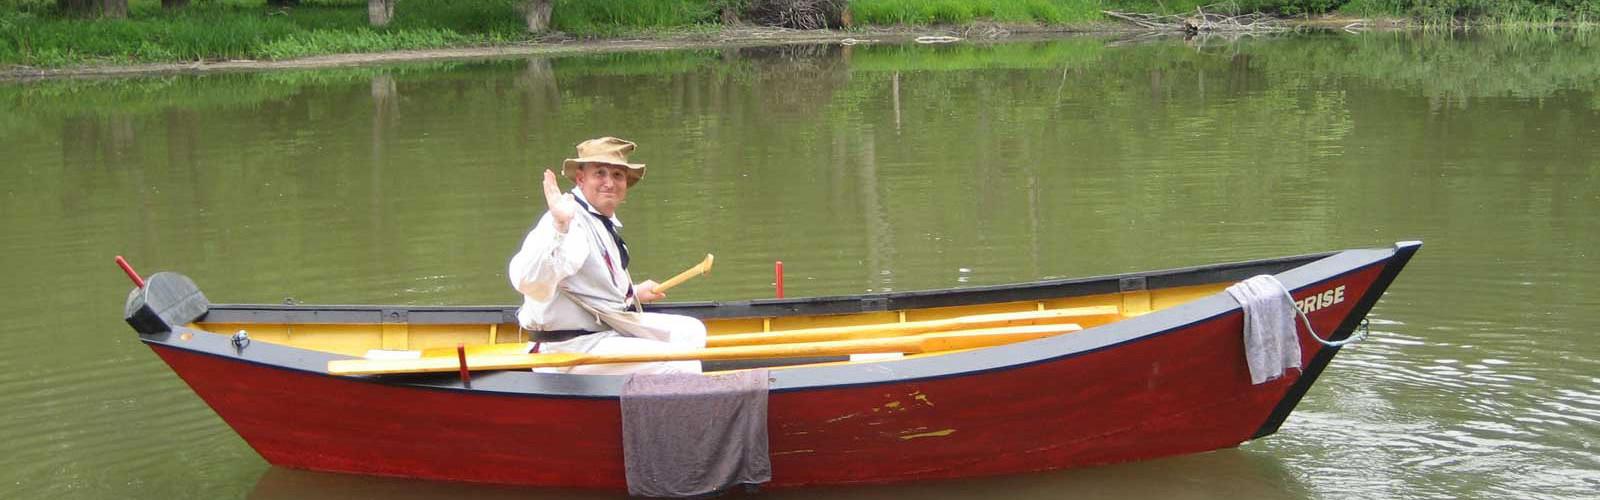 """Wasaga Under Siege: River Run, 2011 - D Brunelle in """"Surprise"""""""